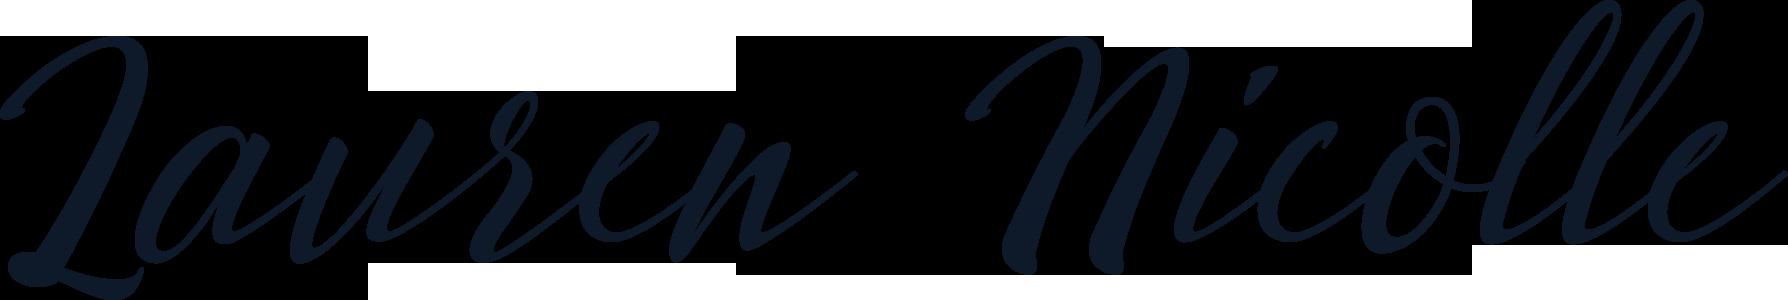 Lauren-Nicolle-logo